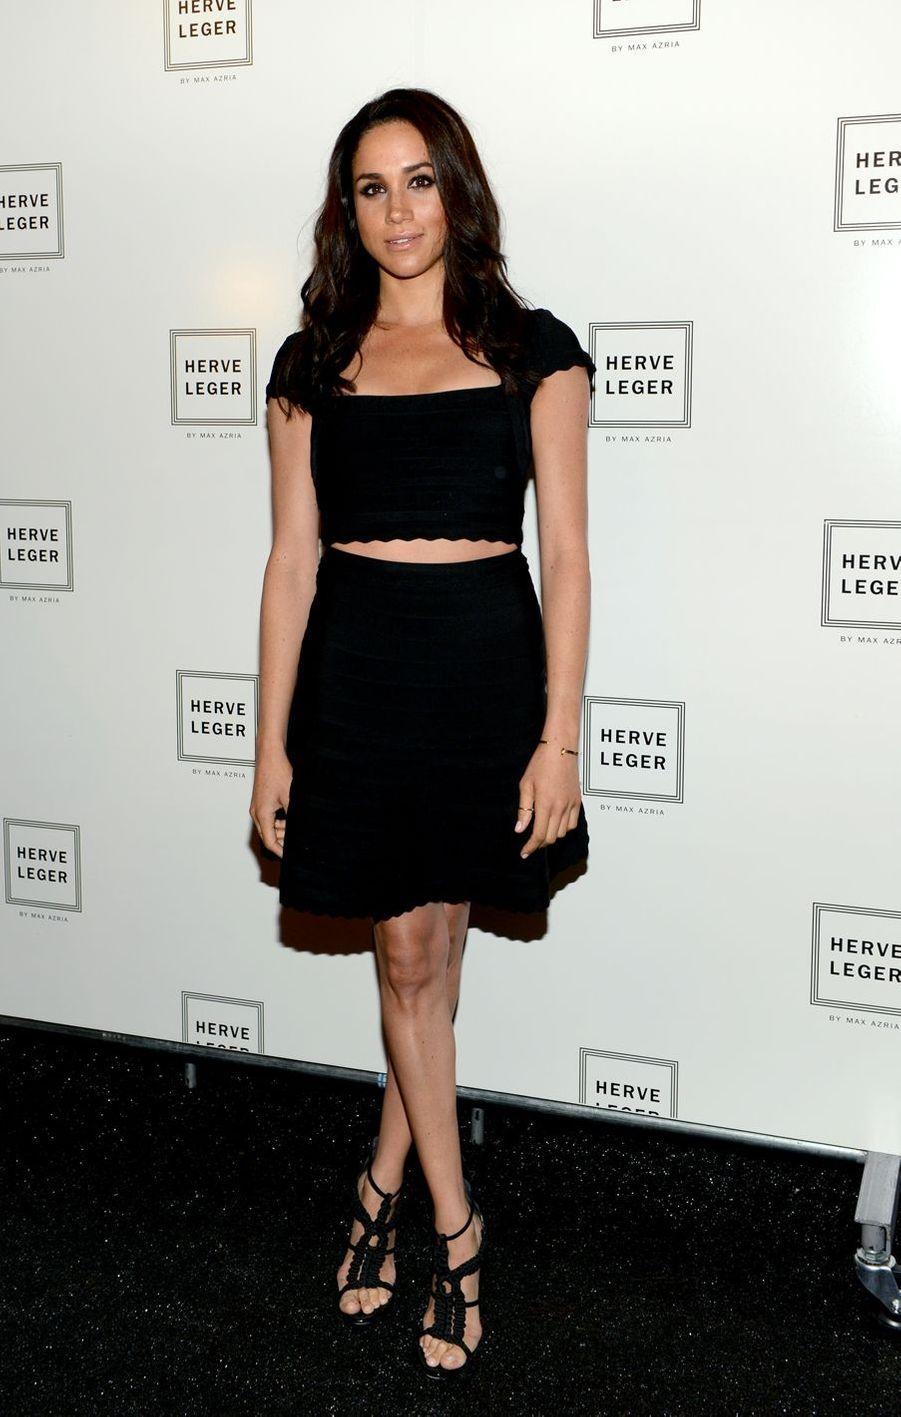 Meghan Markle lors du défilé Hervé Léger à la Fashion Week de New York en septembre 2013.